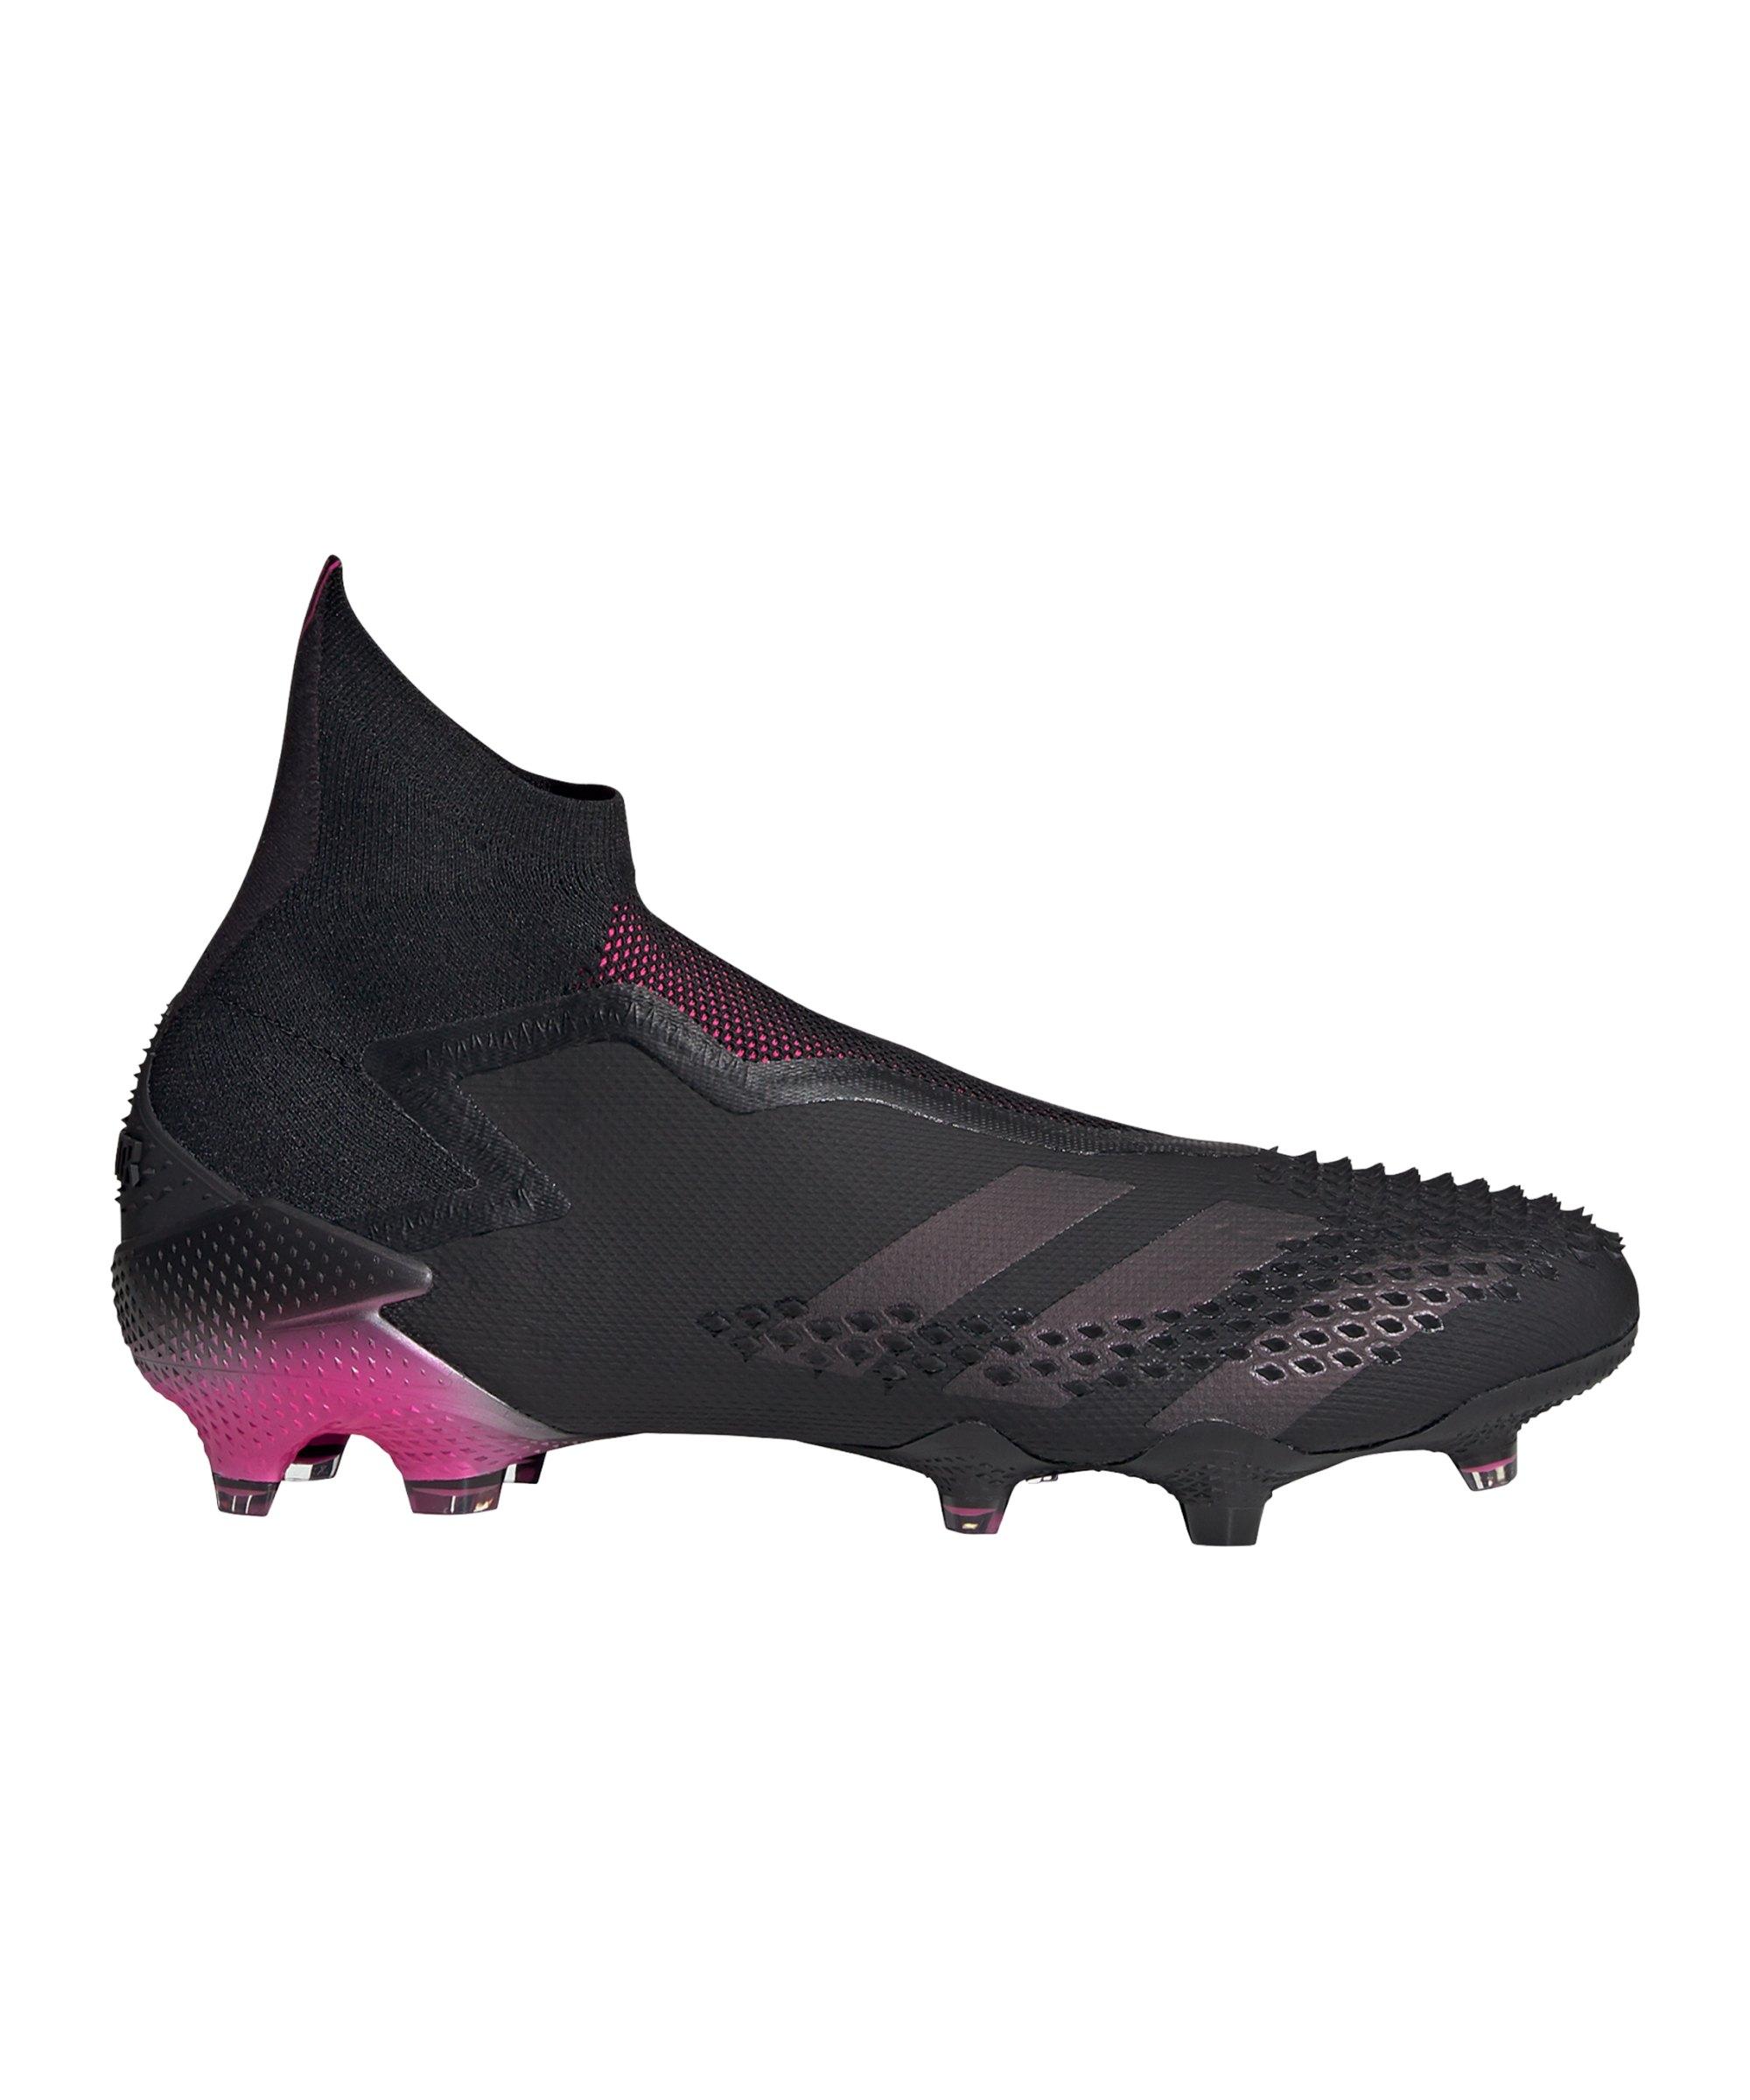 adidas Predator Dark Motion 20+ FG Schwarz Pink - schwarz